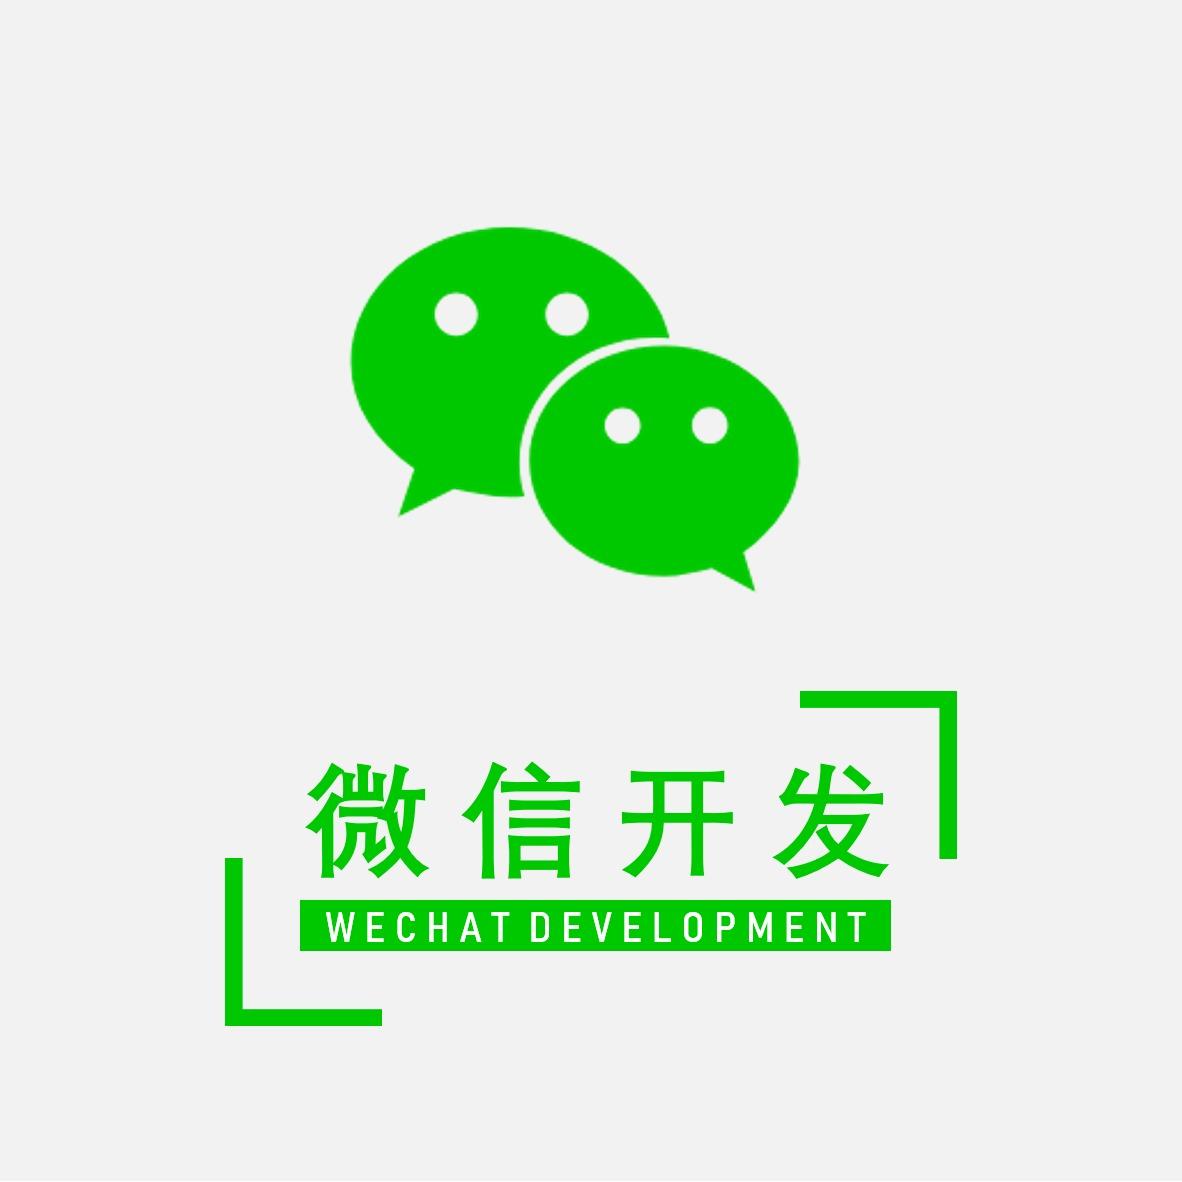 微商城丨微活动丨微报名丨微分销丨微官网丨微会员丨服务号开发